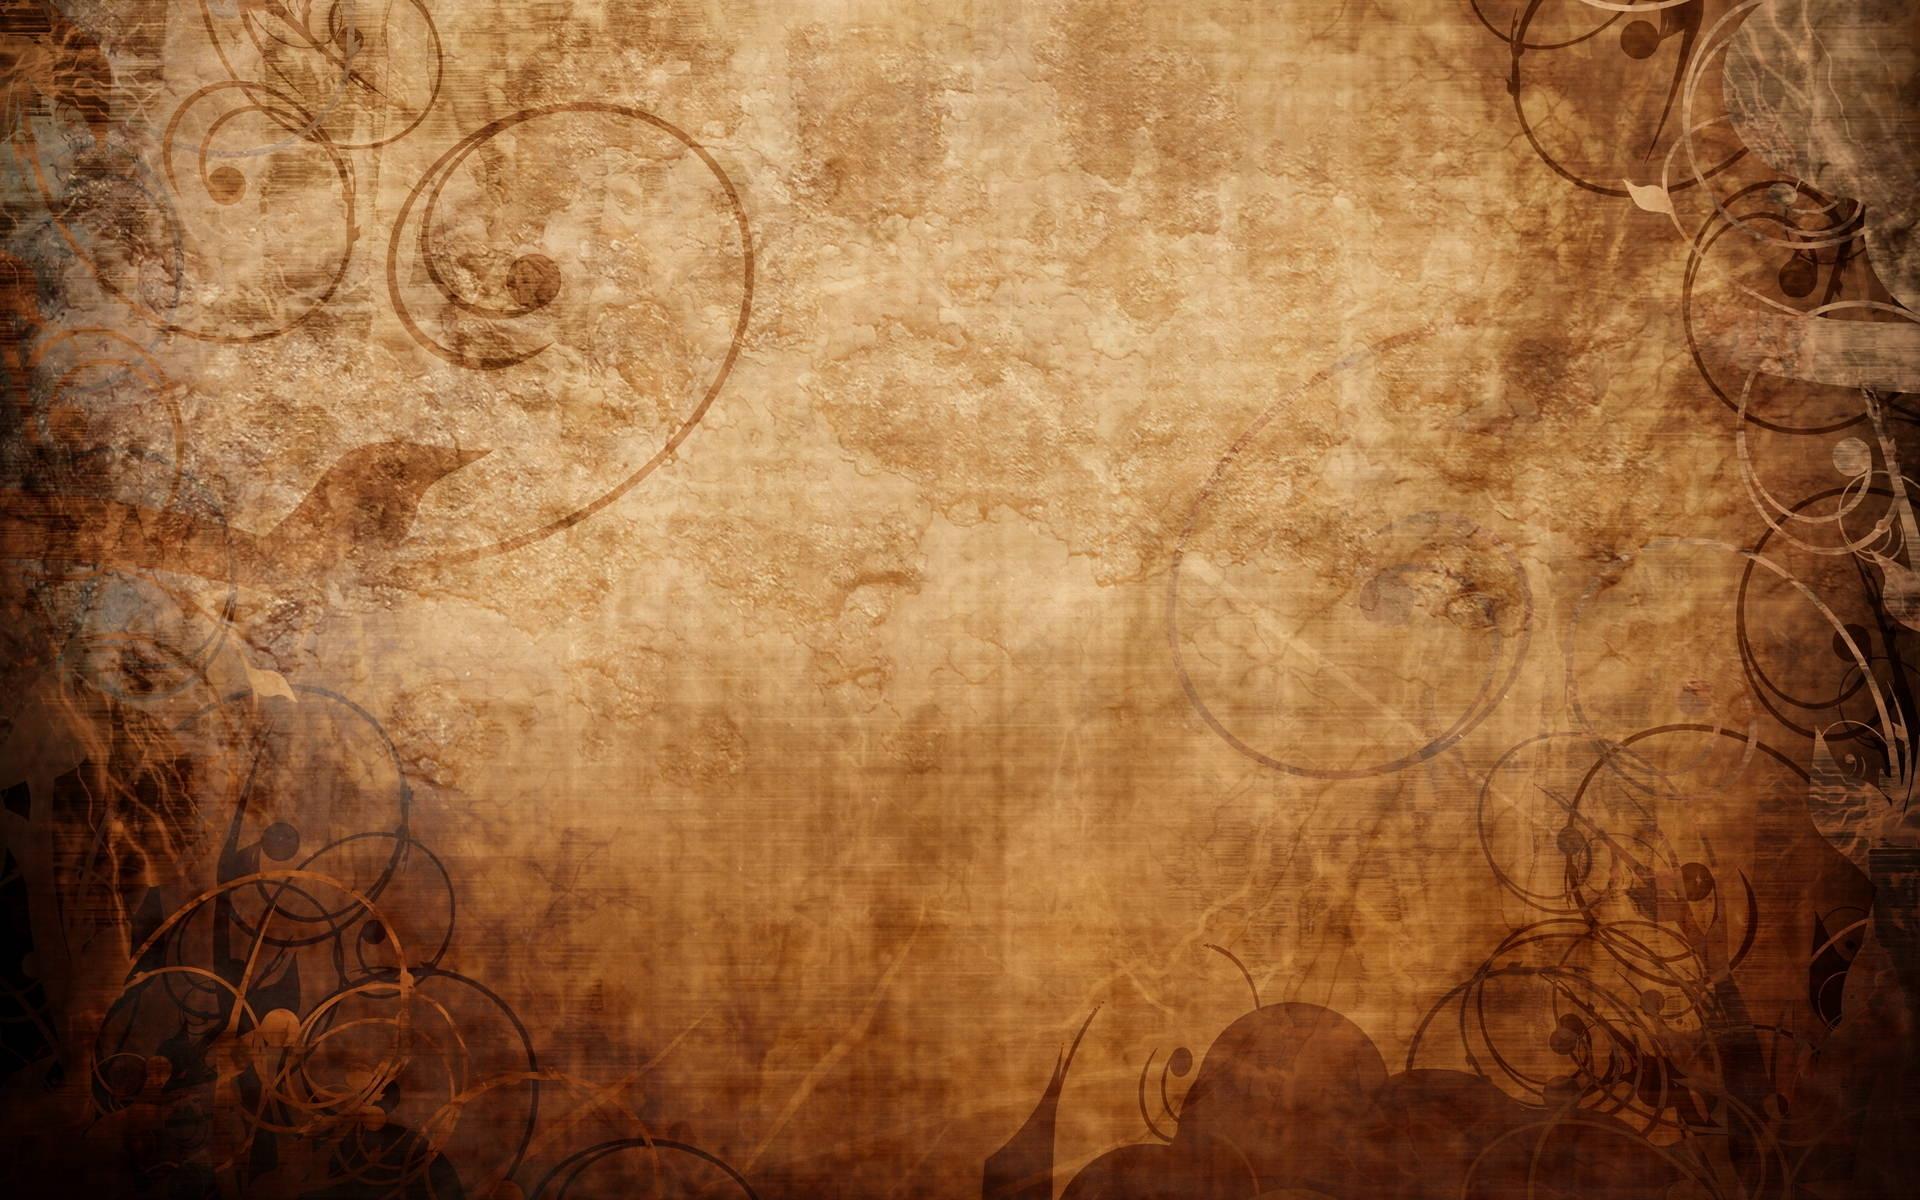 Hình ảnh vintage background vàng sậm